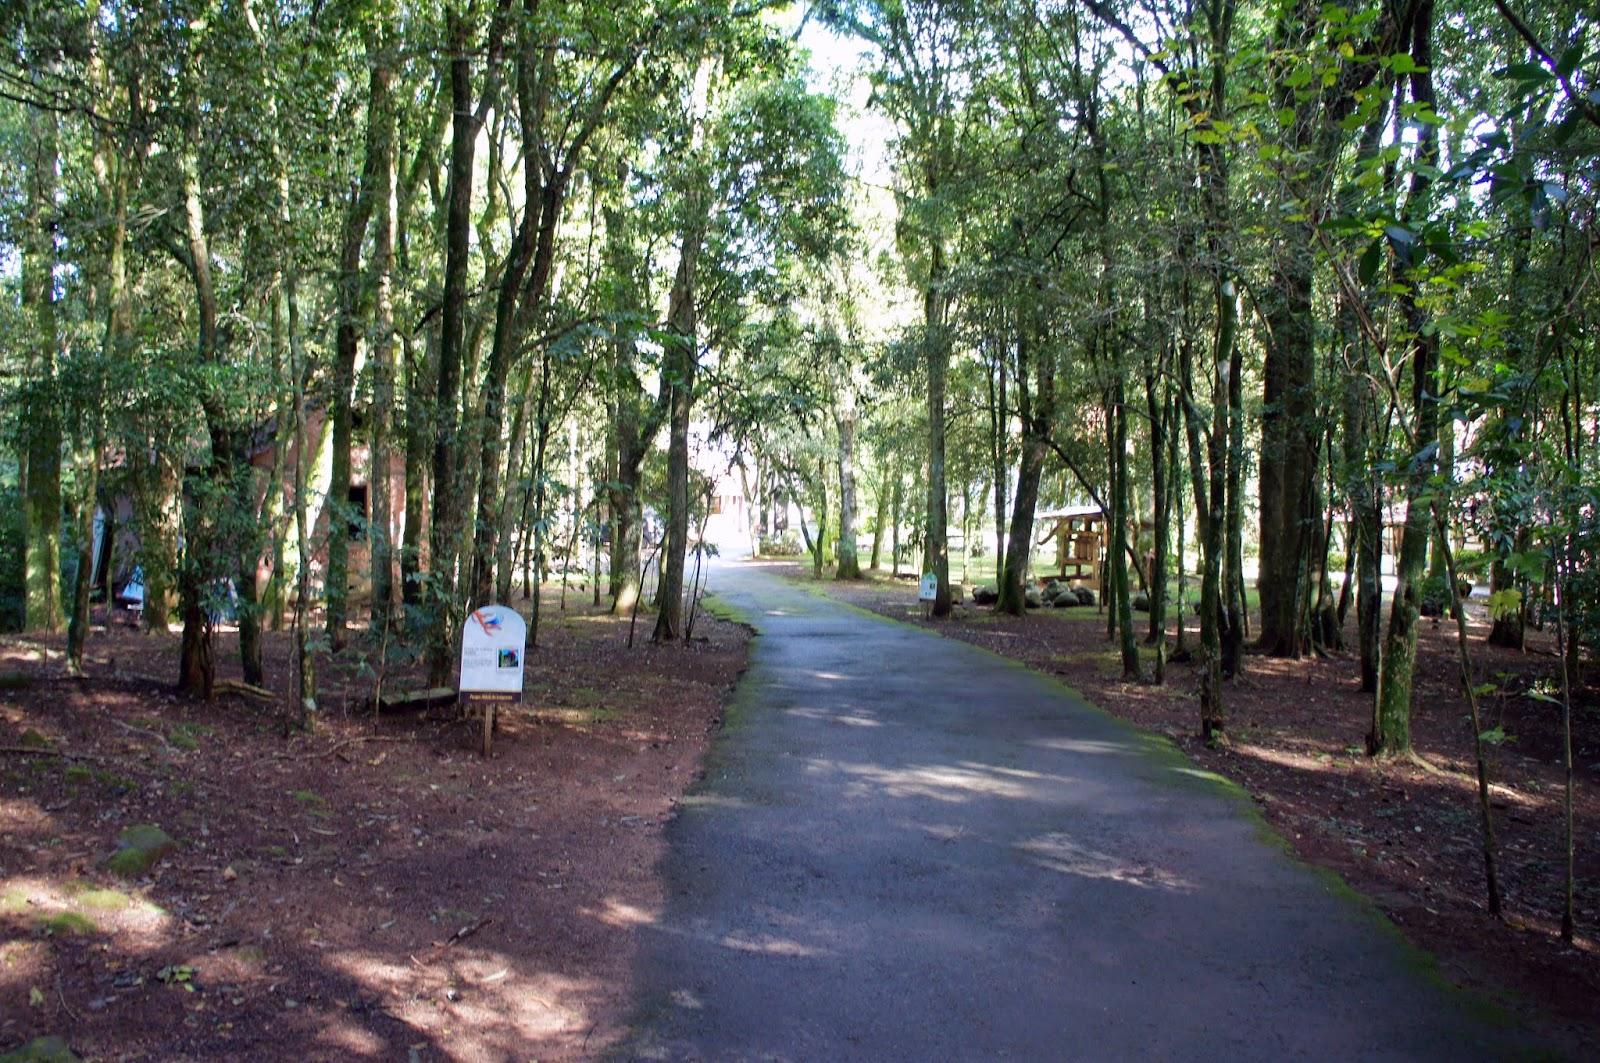 Parque Aldeia do Imigrante em Nova Petrópolis: um pouco de história e cultura sobre a imigração alemã no Brasil